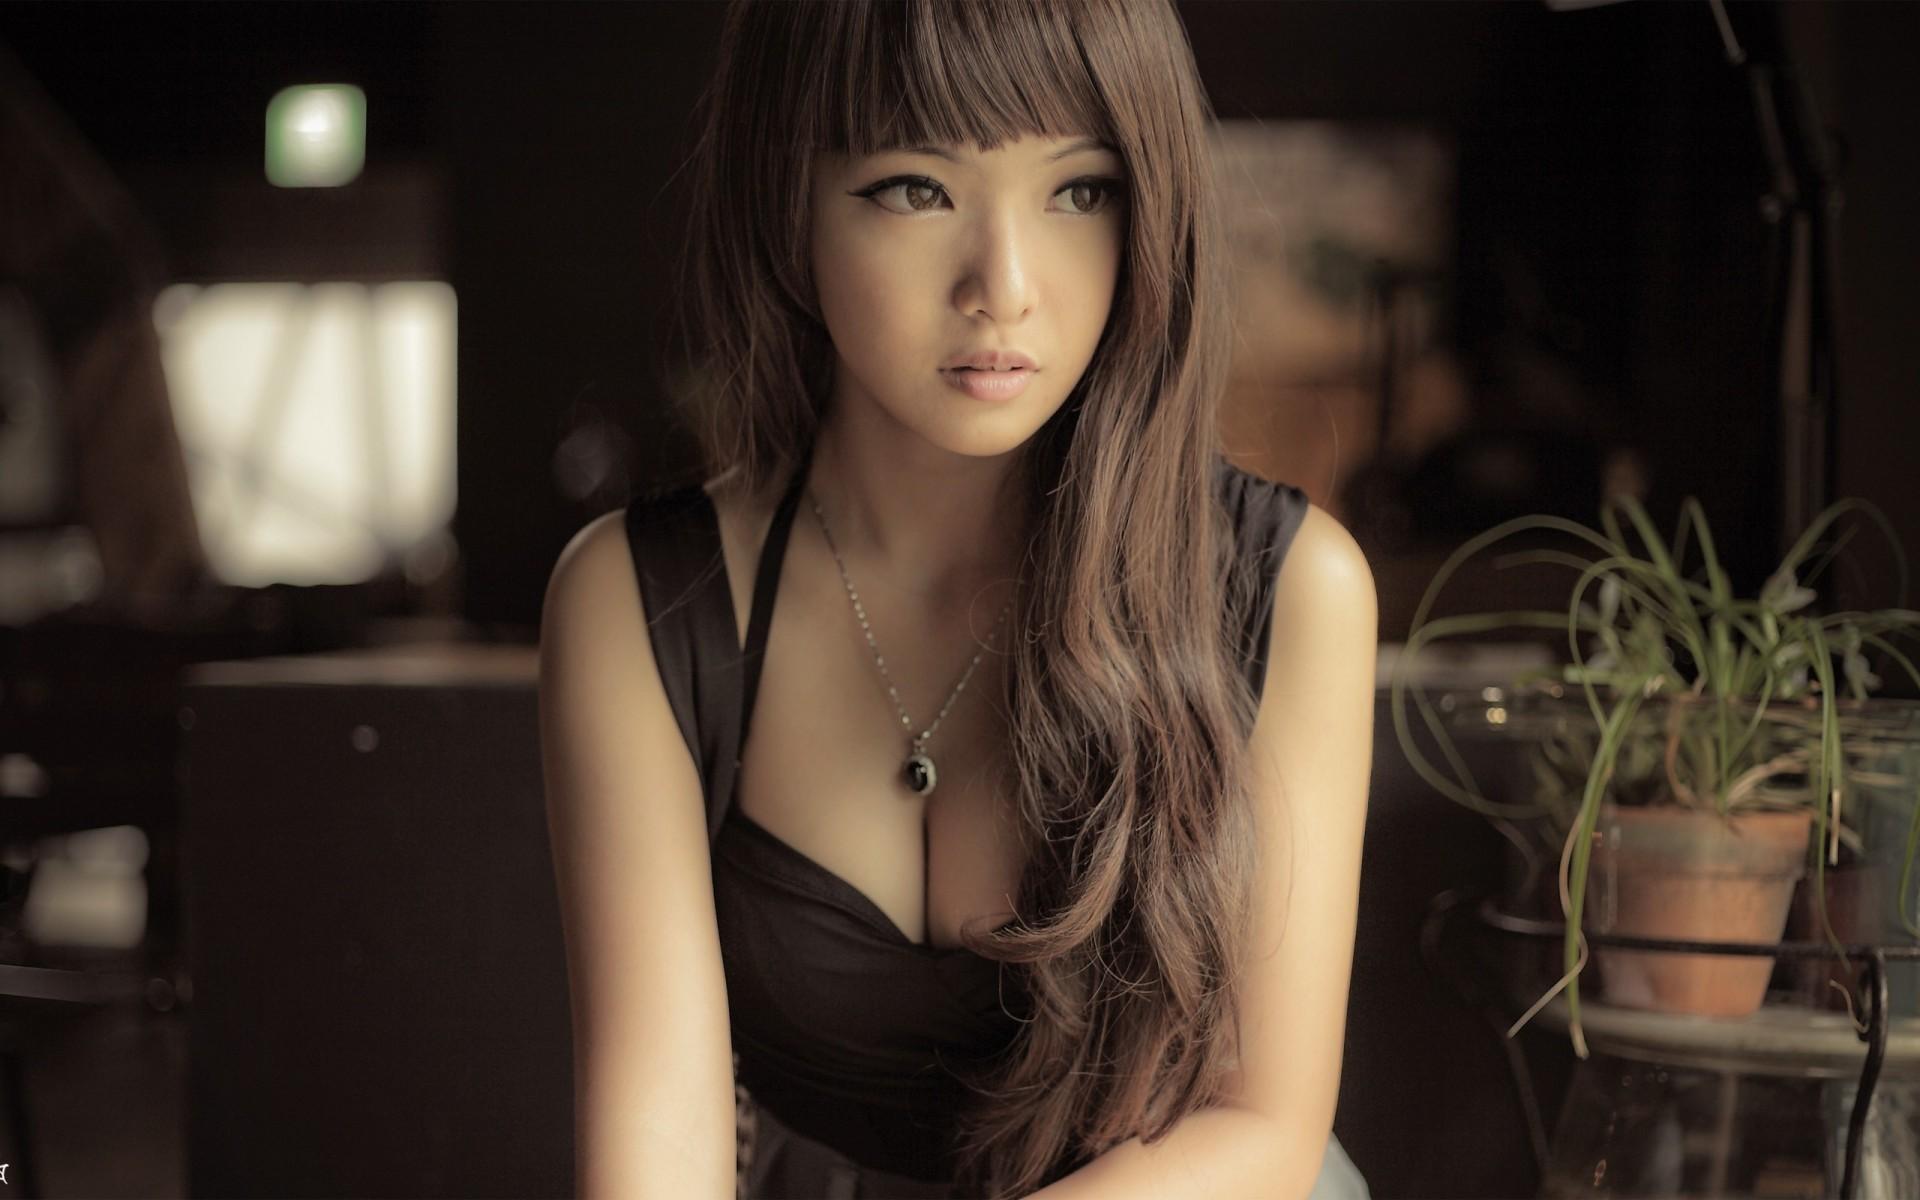 упругие груди дешевые девушки азиатки партнёры играм